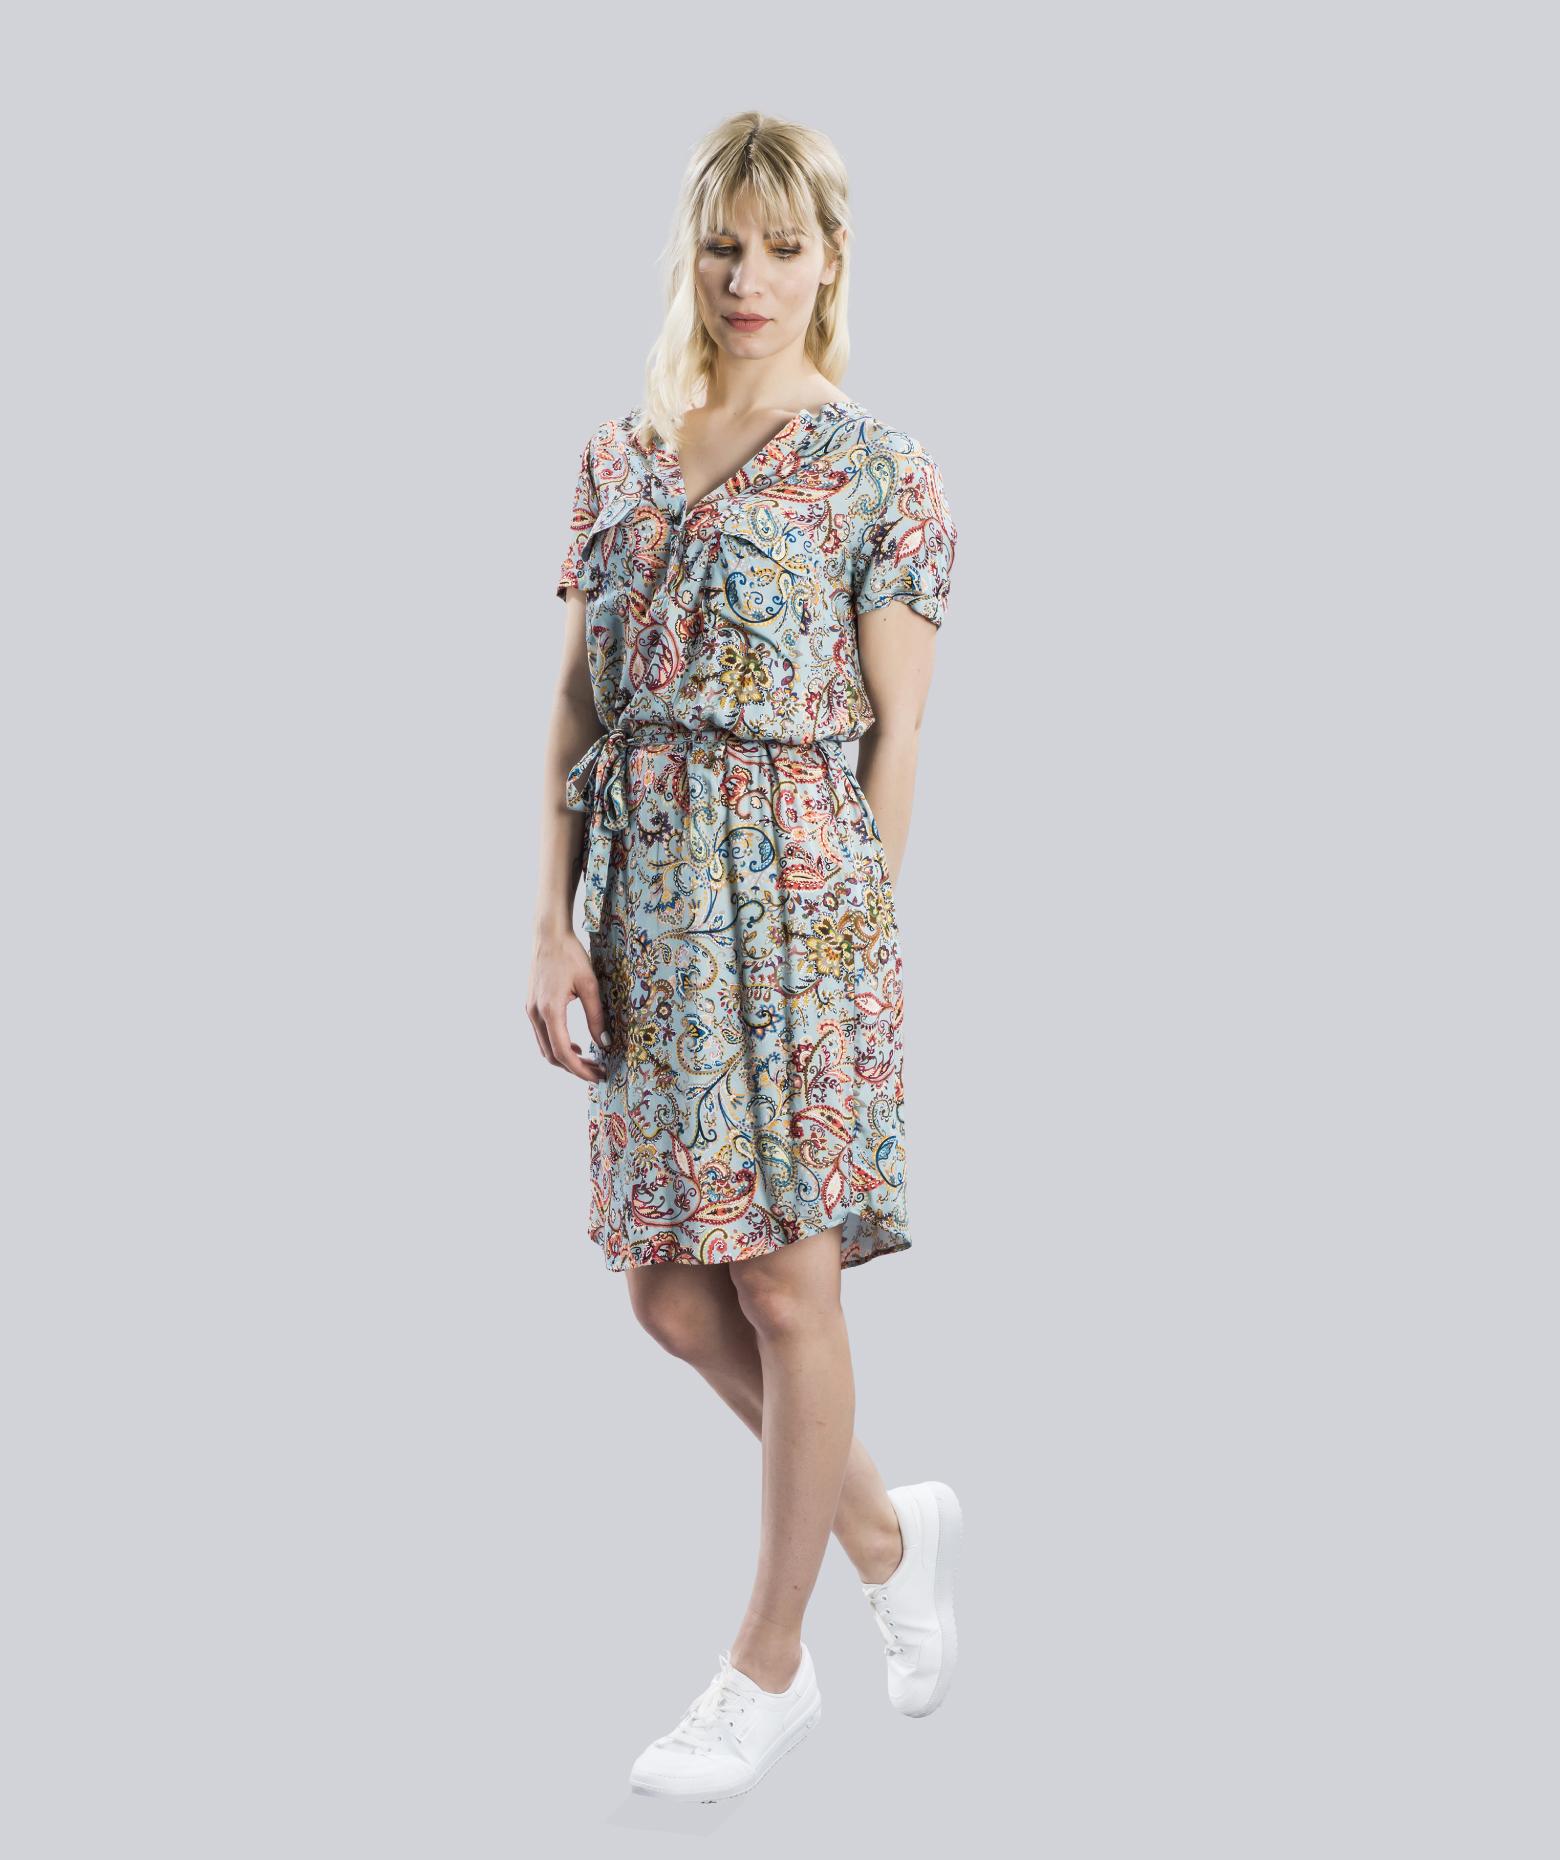 Han Cepli Kısa Kollu Elbise: Meisies'21